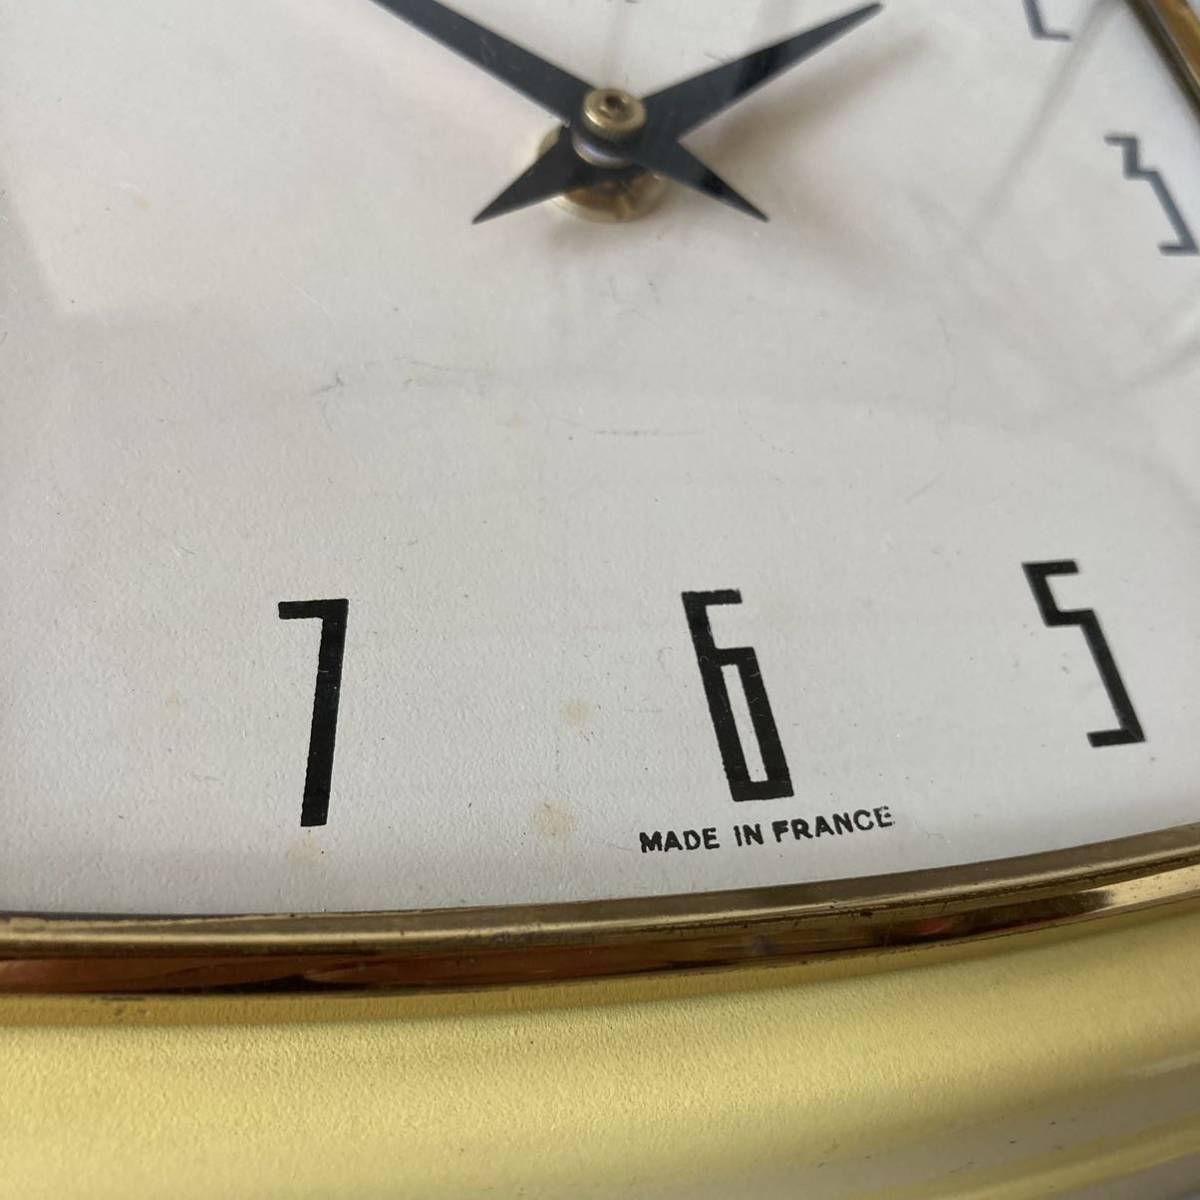 フランス ヴィンテージ ウォールクロック ミッドセンチュリー インテリア ディスプレイ 店舗什器 掛け時計 デザイン_画像6